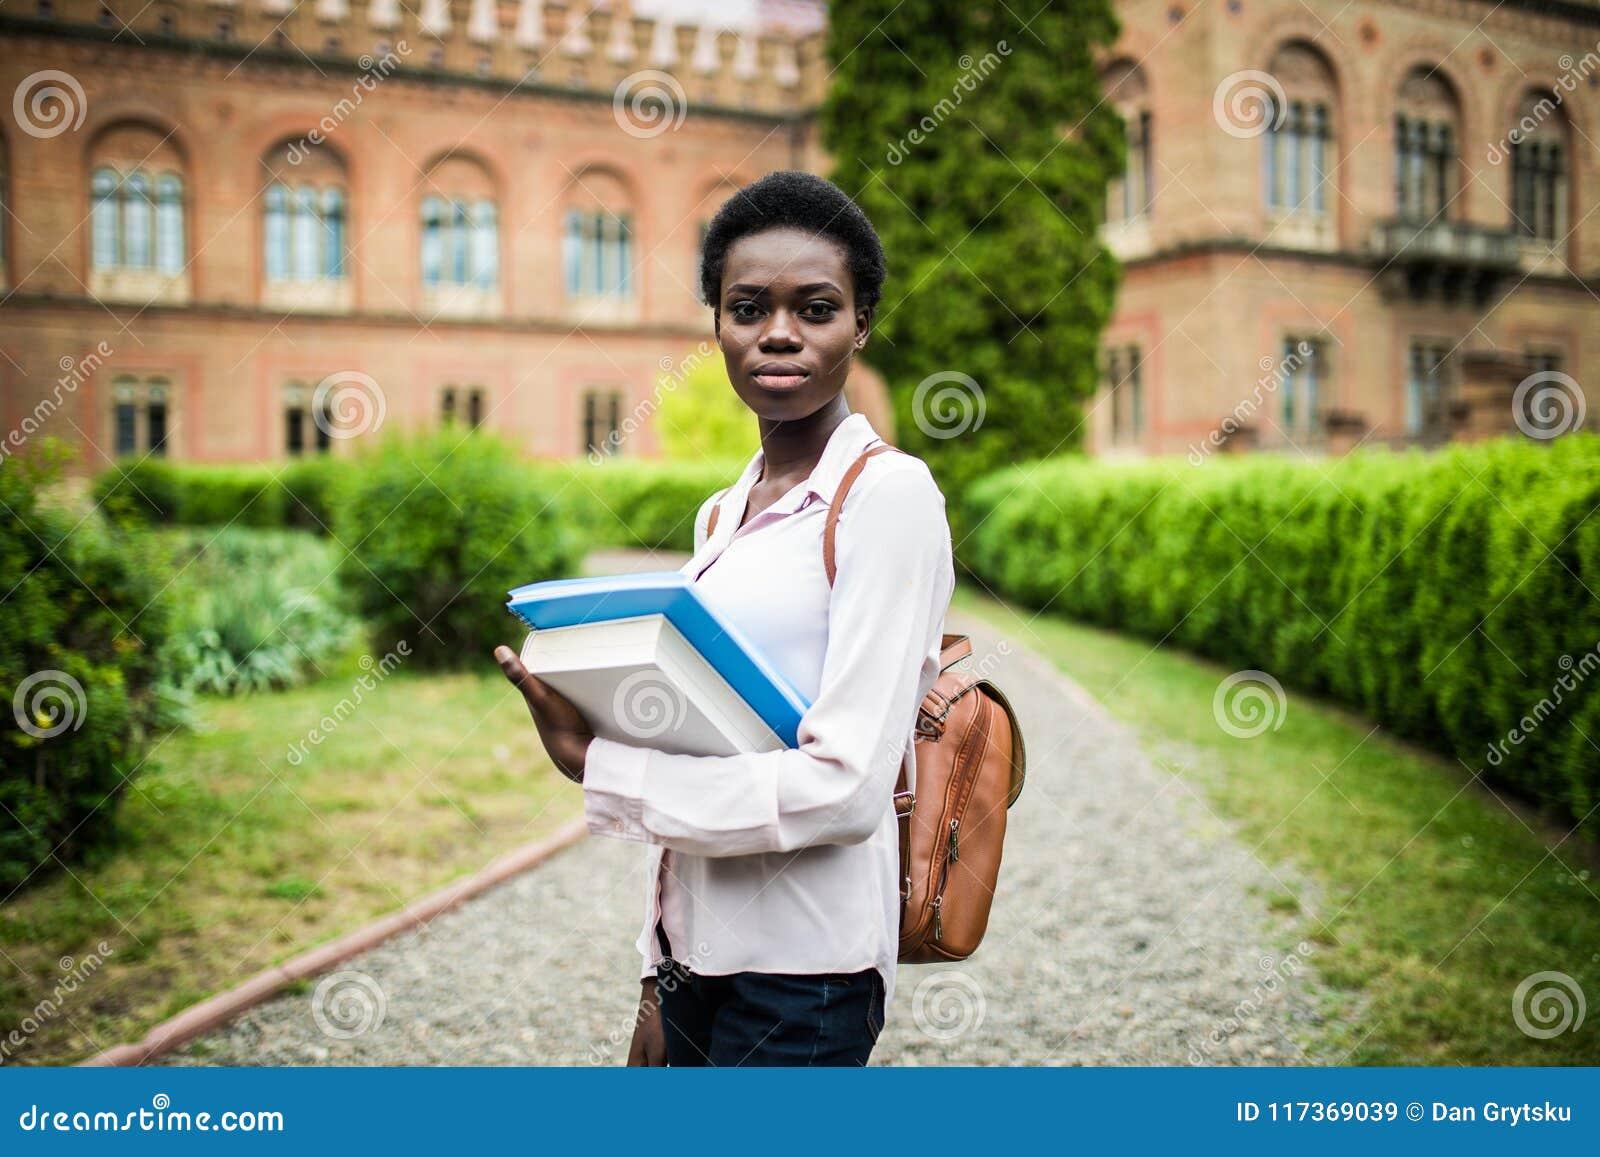 Universitetsområdeliv Kvinnlig högskolestudent för ung attraktiv afrikansk amerikan på universitetsområde